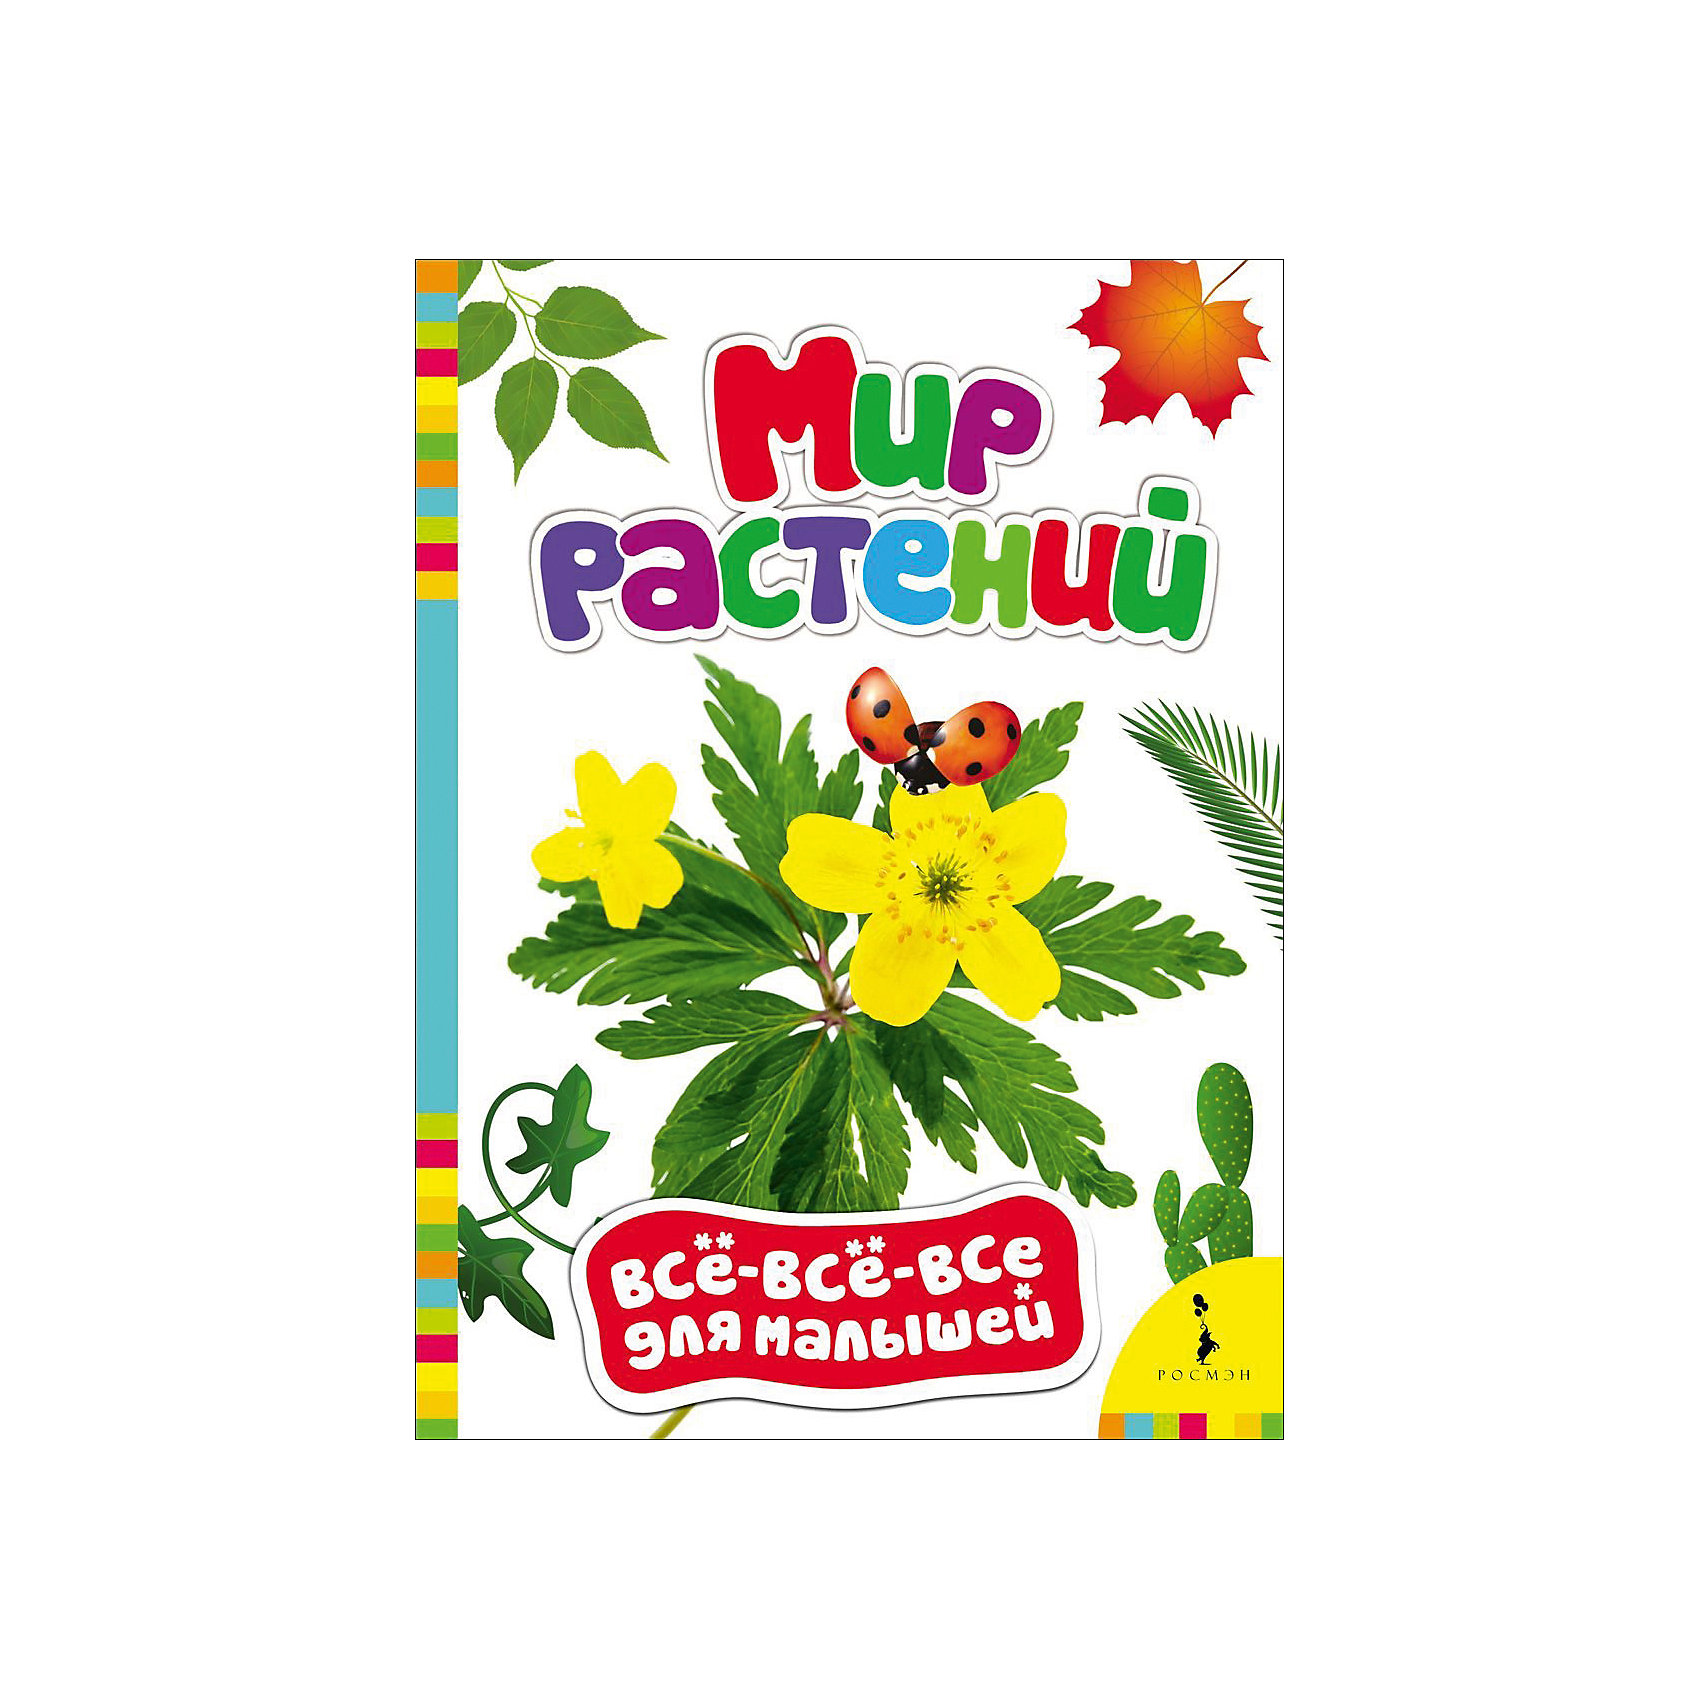 Мир растений, Все-все-все для малышейРосмэн<br>Характеристики товара:<br><br>- цвет: разноцветный;<br>- материал: бумага;<br>- страниц: 8;<br>- формат: 22 х 16 см;<br>- обложка: картон;<br>- цветные иллюстрации. <br><br>Эта полезная книга станет отличным подарком для родителей и ребенка. Она содержит в себе фотографии, а также интересные вопросы и задания, связанные с растениями. Отличный способ привить малышу любовь к занятиям и начать обучение!<br>Чтение и рассматривание картинок даже в юном возрасте помогает ребенку развивать память, концентрацию внимания и воображение. Издание произведено из качественных материалов, которые безопасны даже для самых маленьких.<br><br>Издание Мир растений, Все-все-все для малышей от компании Росмэн можно купить в нашем интернет-магазине.<br><br>Ширина мм: 220<br>Глубина мм: 160<br>Высота мм: 5<br>Вес г: 113<br>Возраст от месяцев: 0<br>Возраст до месяцев: 36<br>Пол: Унисекс<br>Возраст: Детский<br>SKU: 5110065